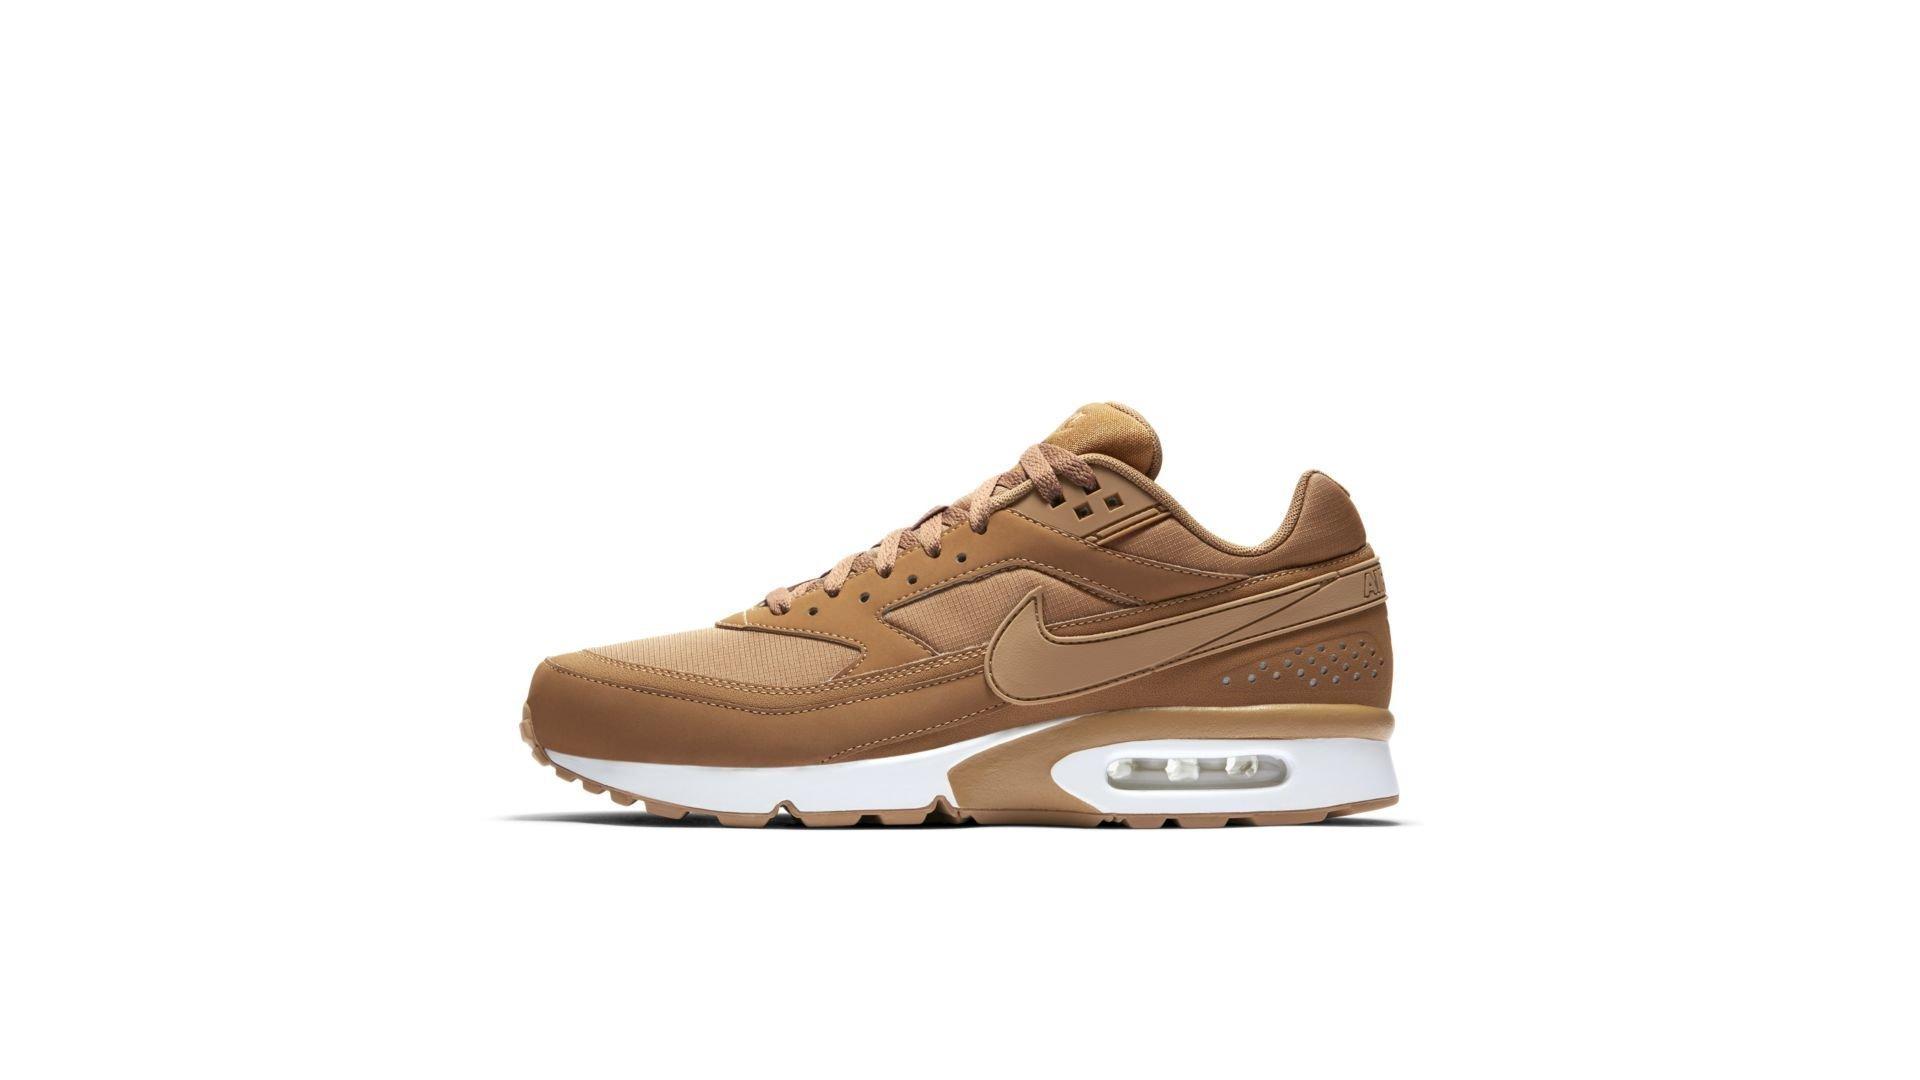 """Nike Air Max BW Premium """"Flax"""" (881981-200)"""